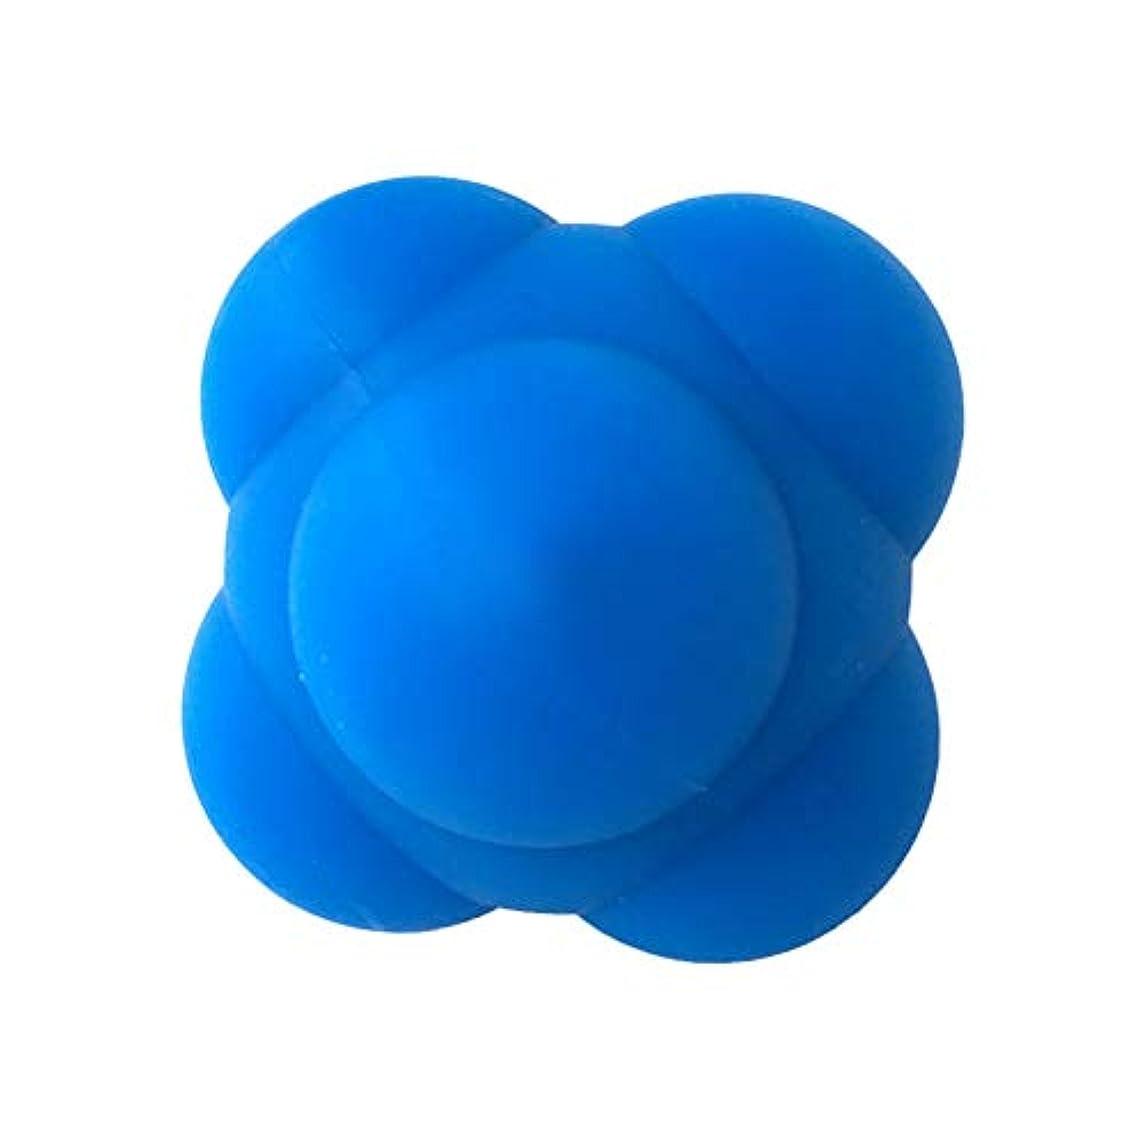 不要思春期なにHealifty 体の管理ボールスポーツシリコン六角形のボールソリッドフィットネストレーニングエクササイズリアクションボール素早さと敏捷性トレーニングボール6cm(青)